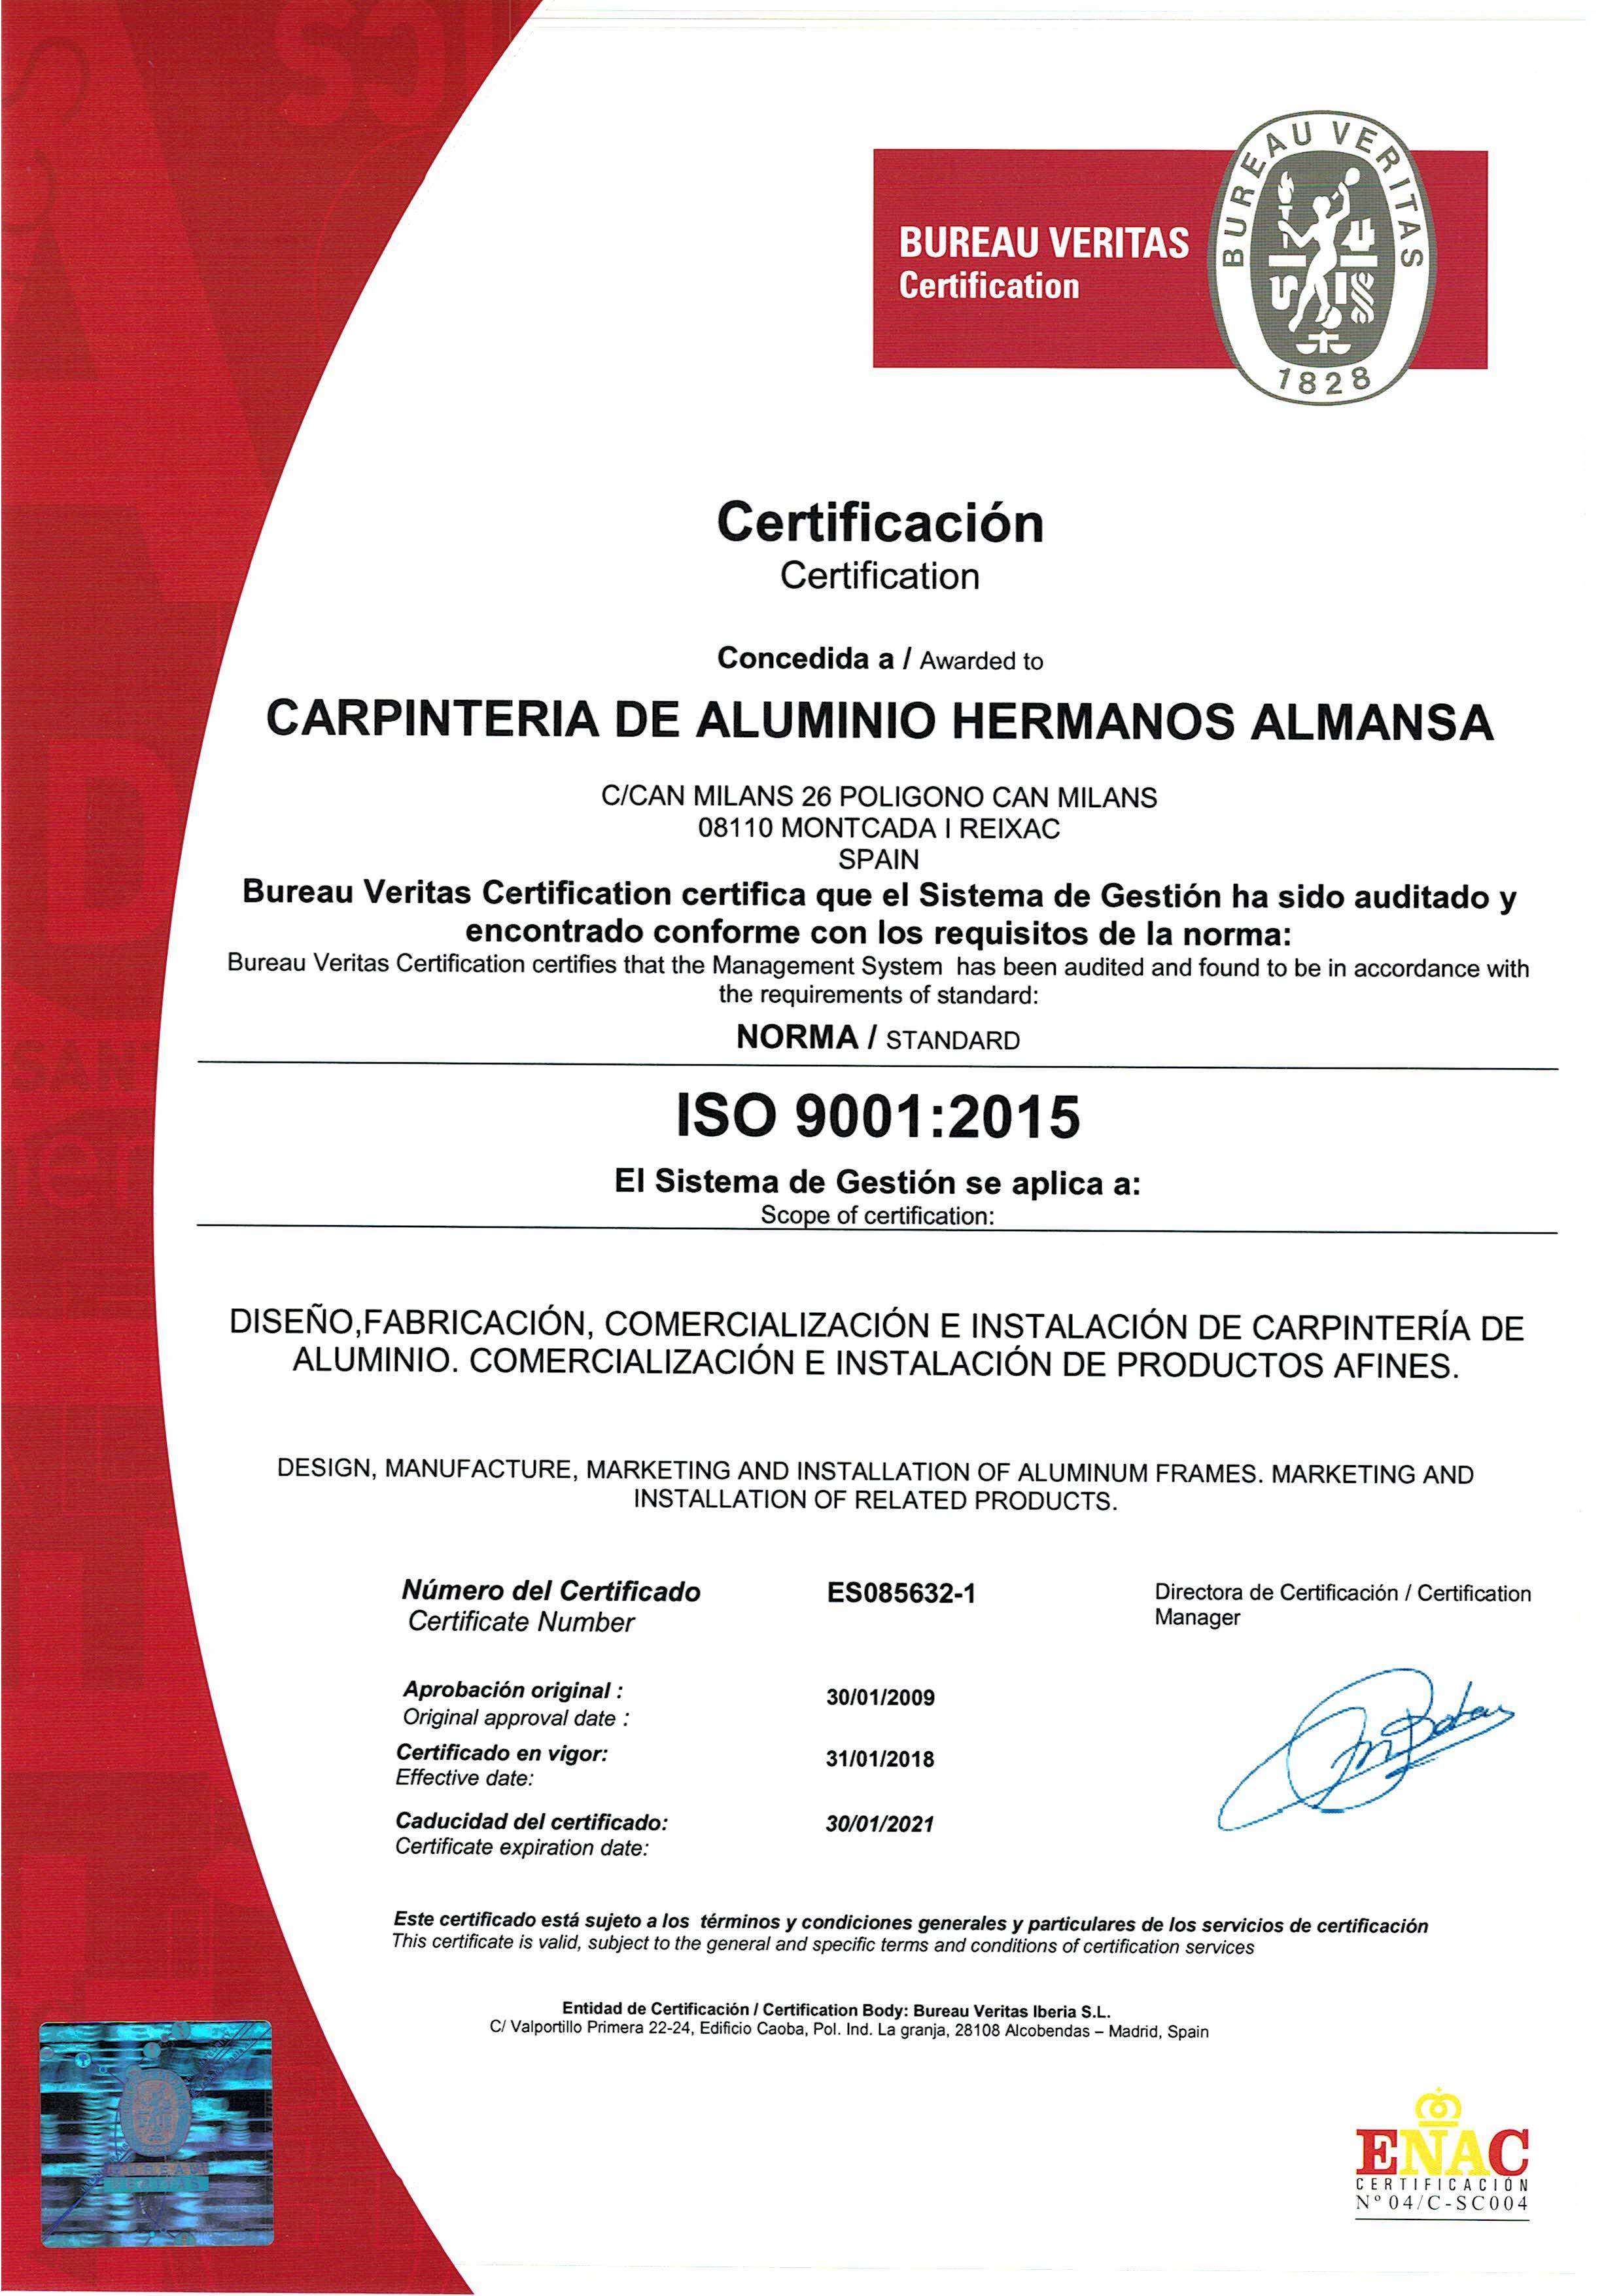 ISO-9001-2015-3.jpg